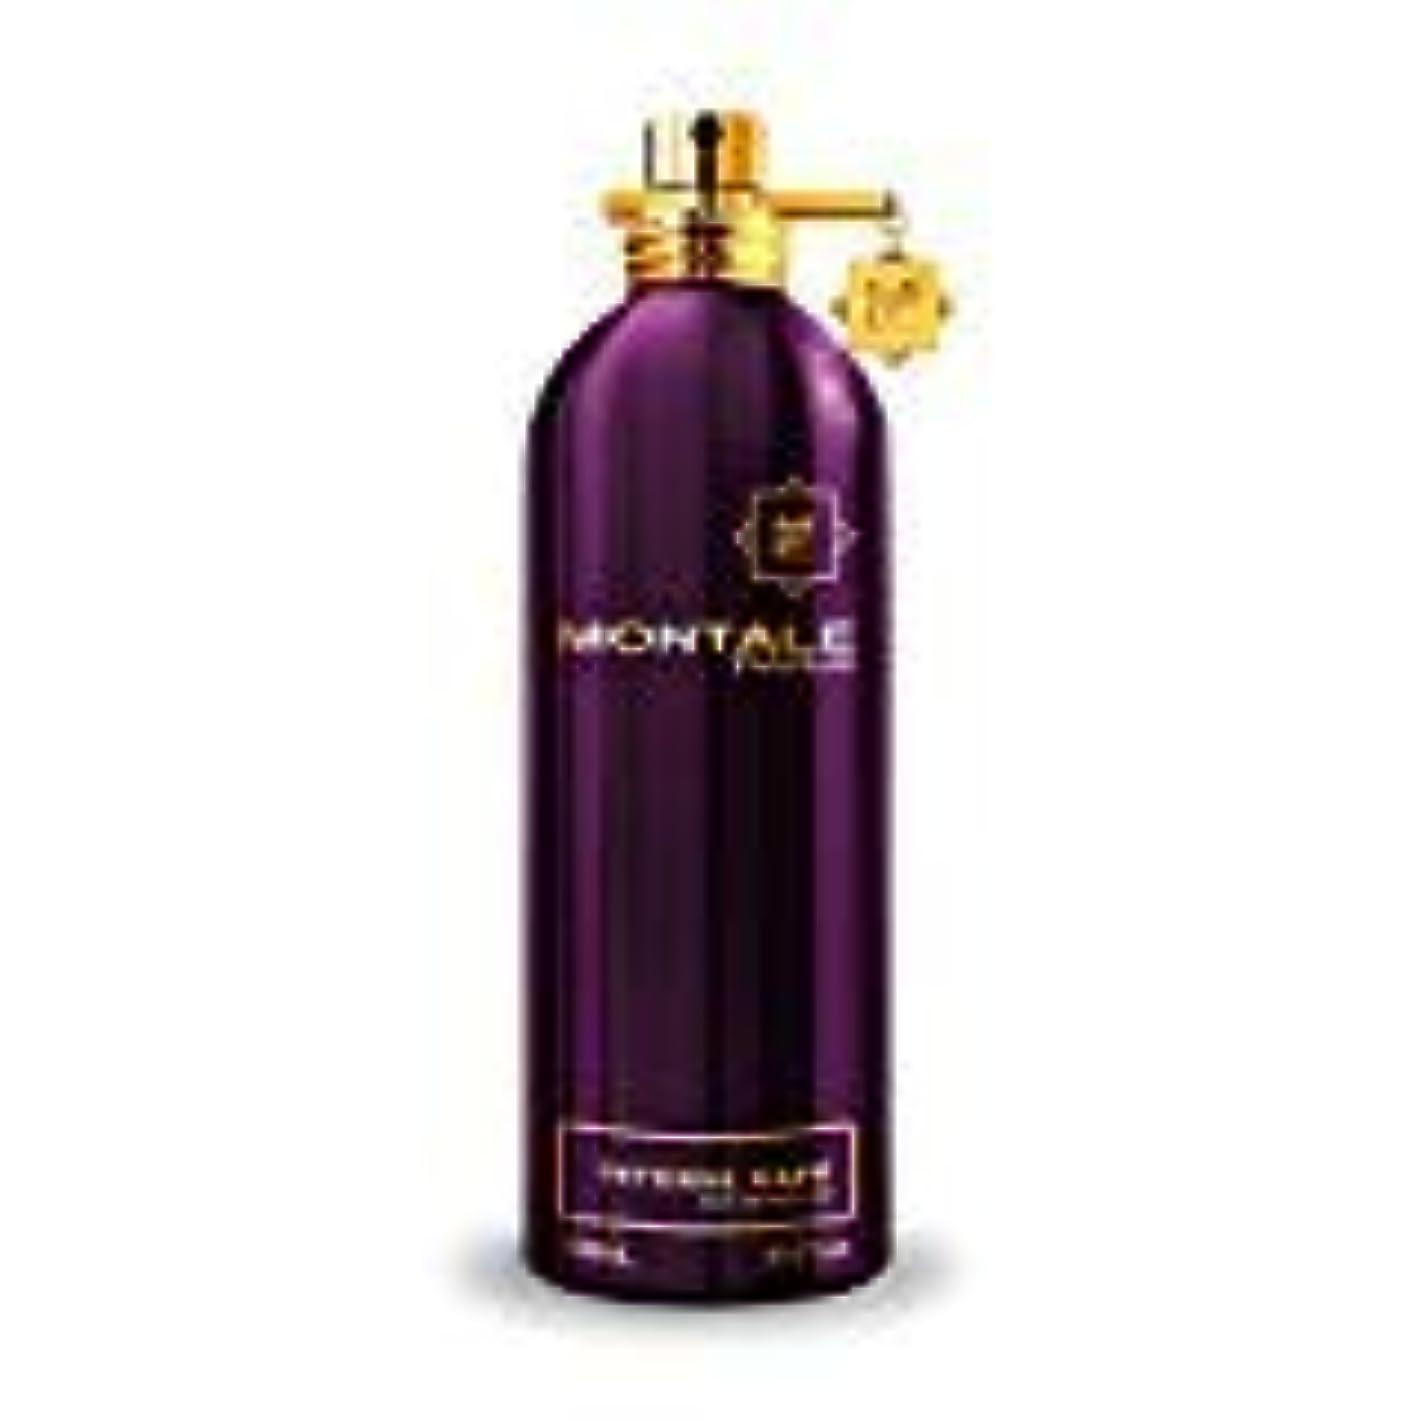 祝福疑問を超えて不測の事態MONTALE INTENSE CAFE Eau de Perfume 100ml Made in France 100% 本物モンターレ強烈なカフェ香水 100 ml フランス製 +2サンプル無料! + 30 mlスキンケア無料!